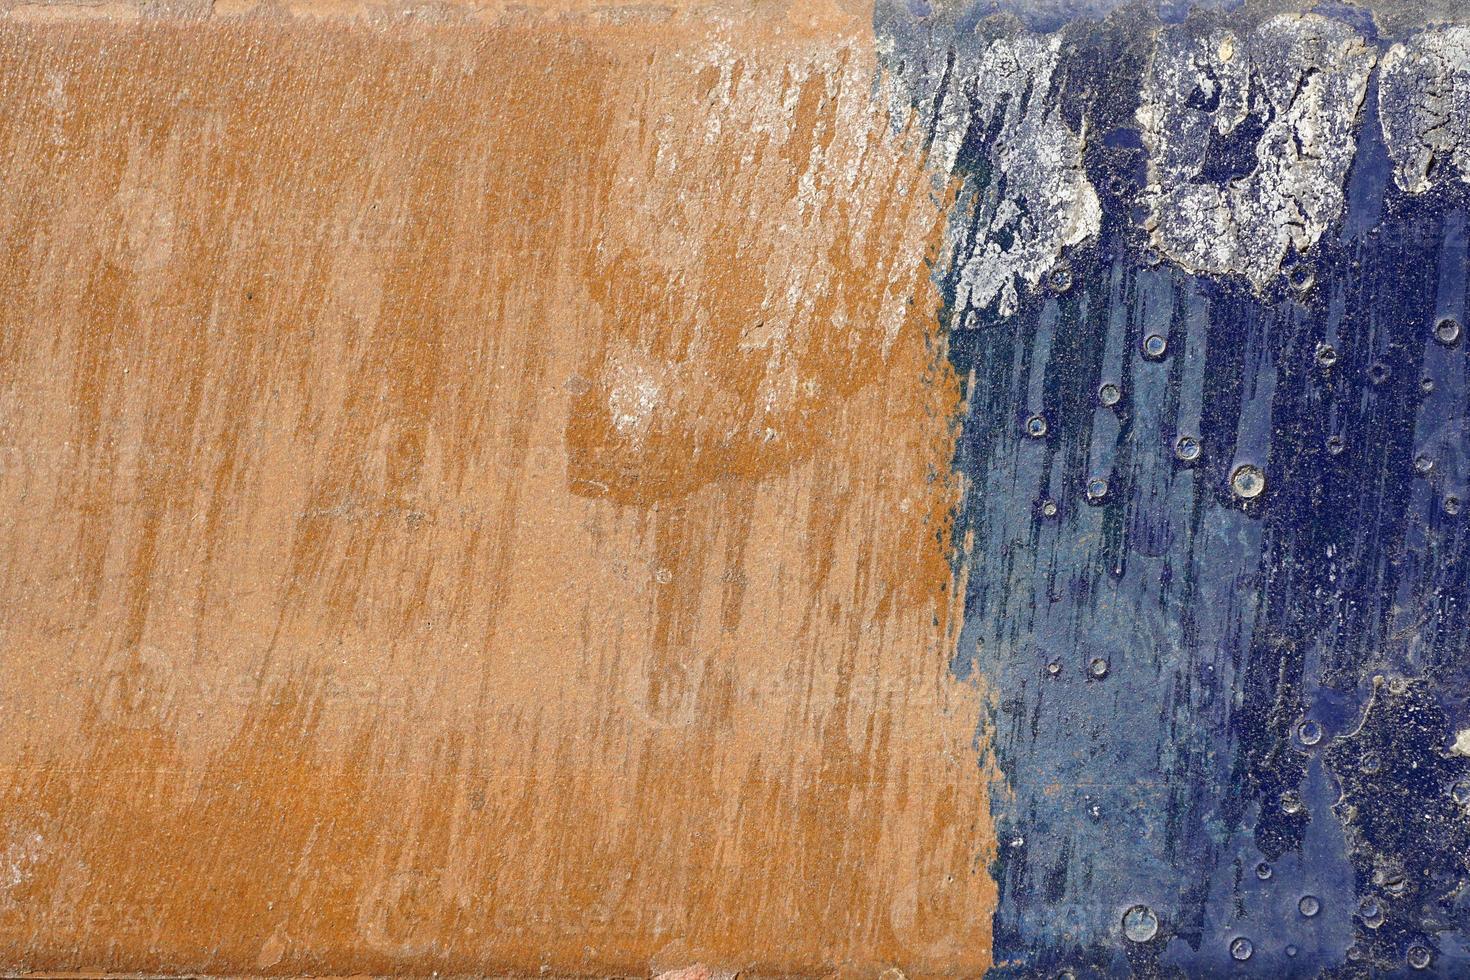 superficie ronca, rayada y pelada con azul y amarillento-bro foto